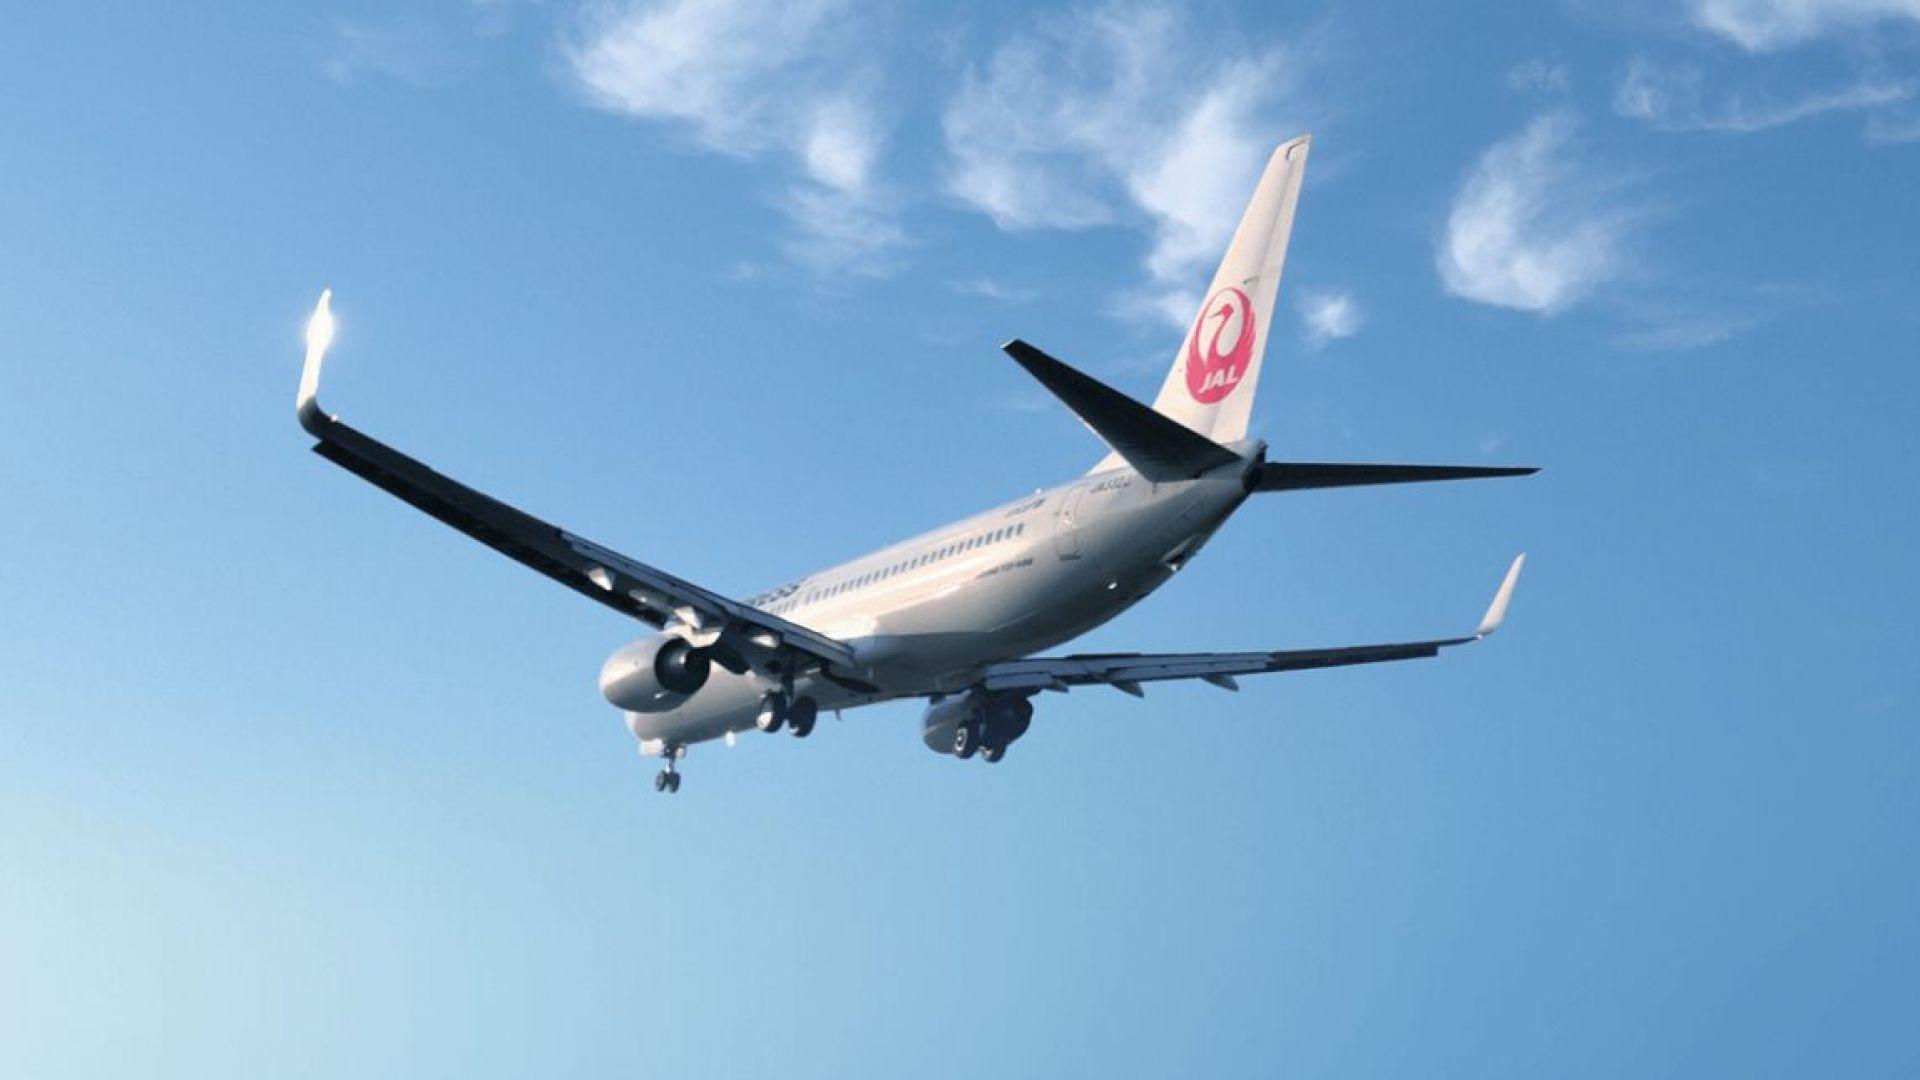 Япония прави нискотарифна авиокомпания